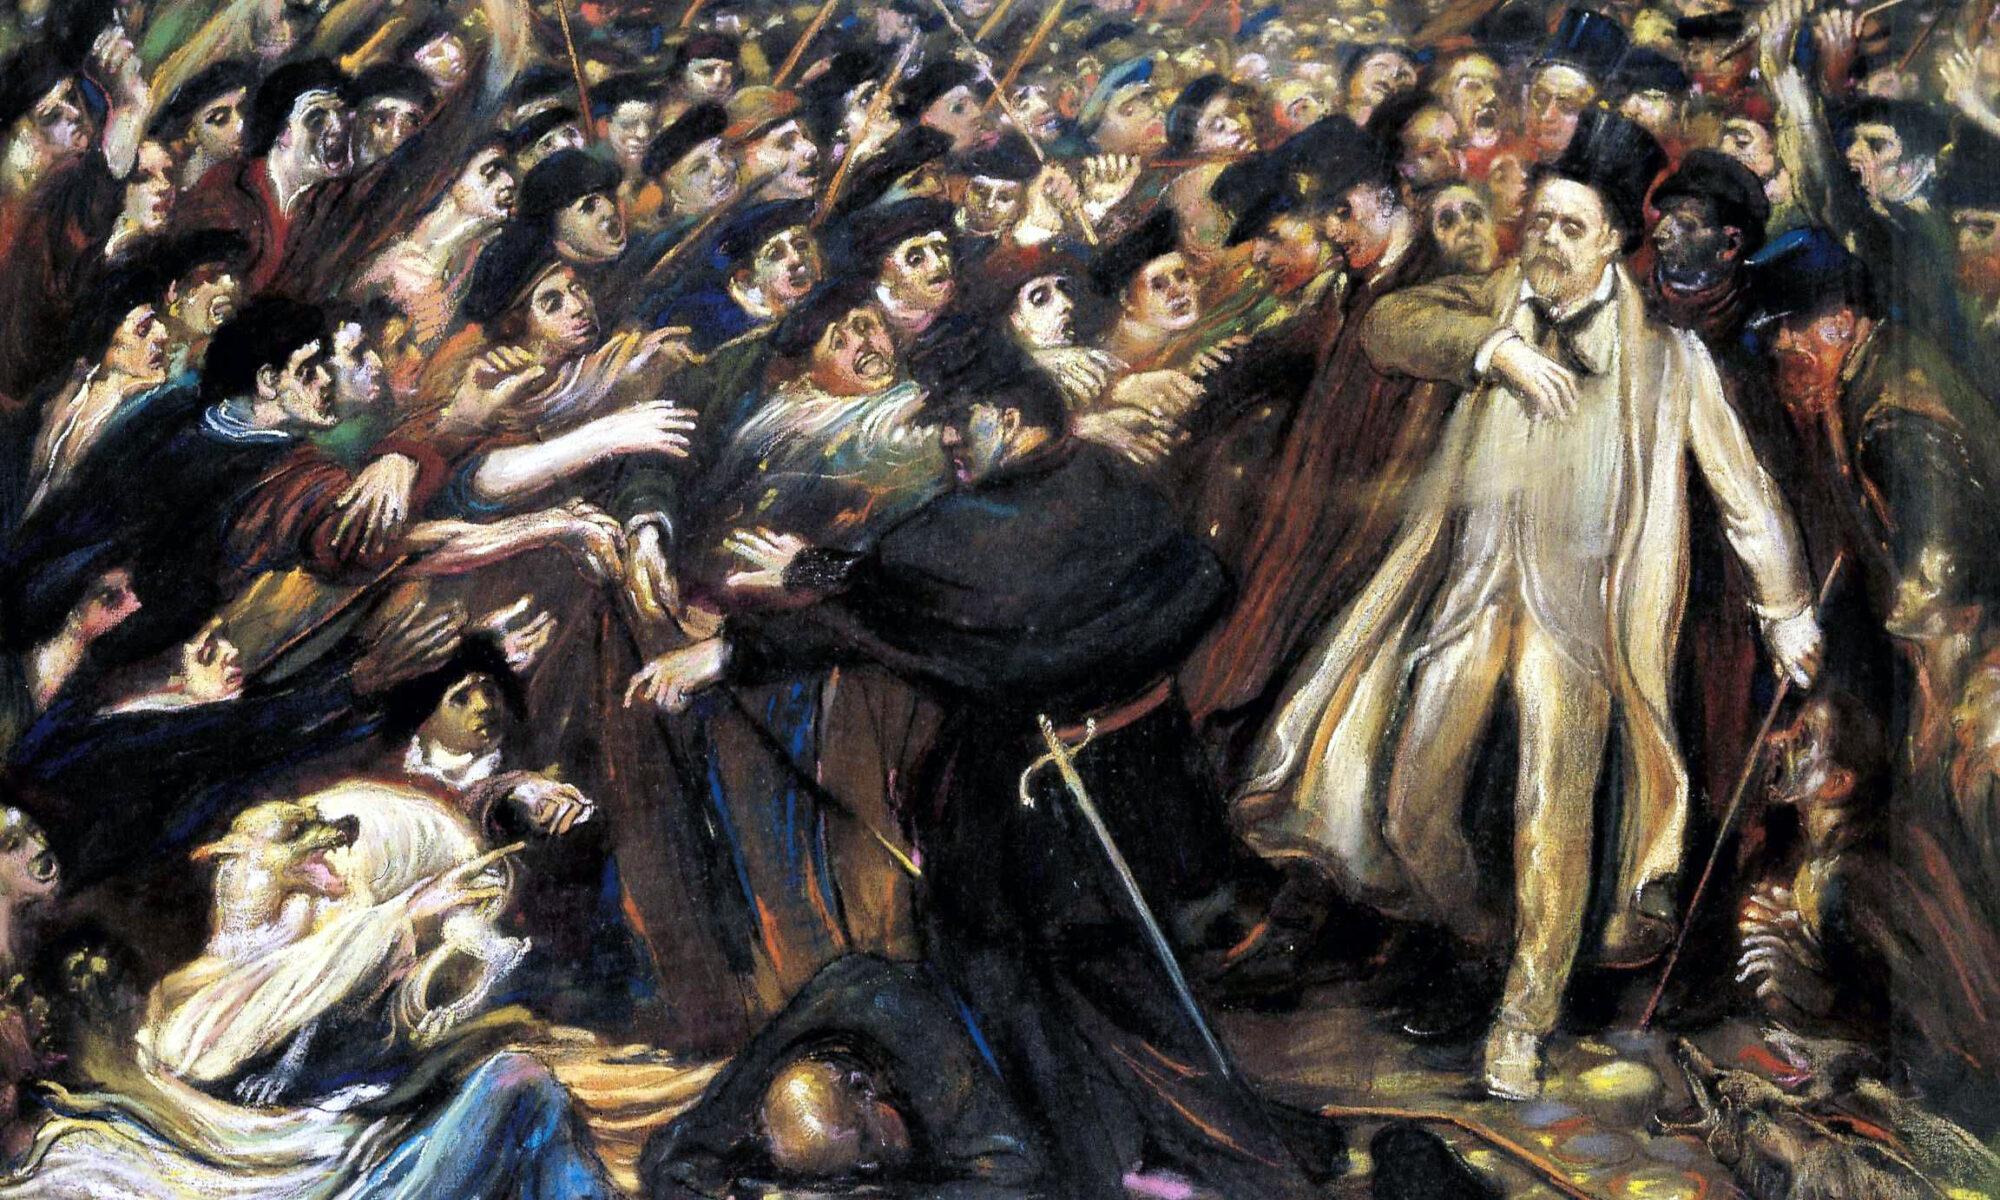 Zola aux Outrages, Henry de Groux, 1898